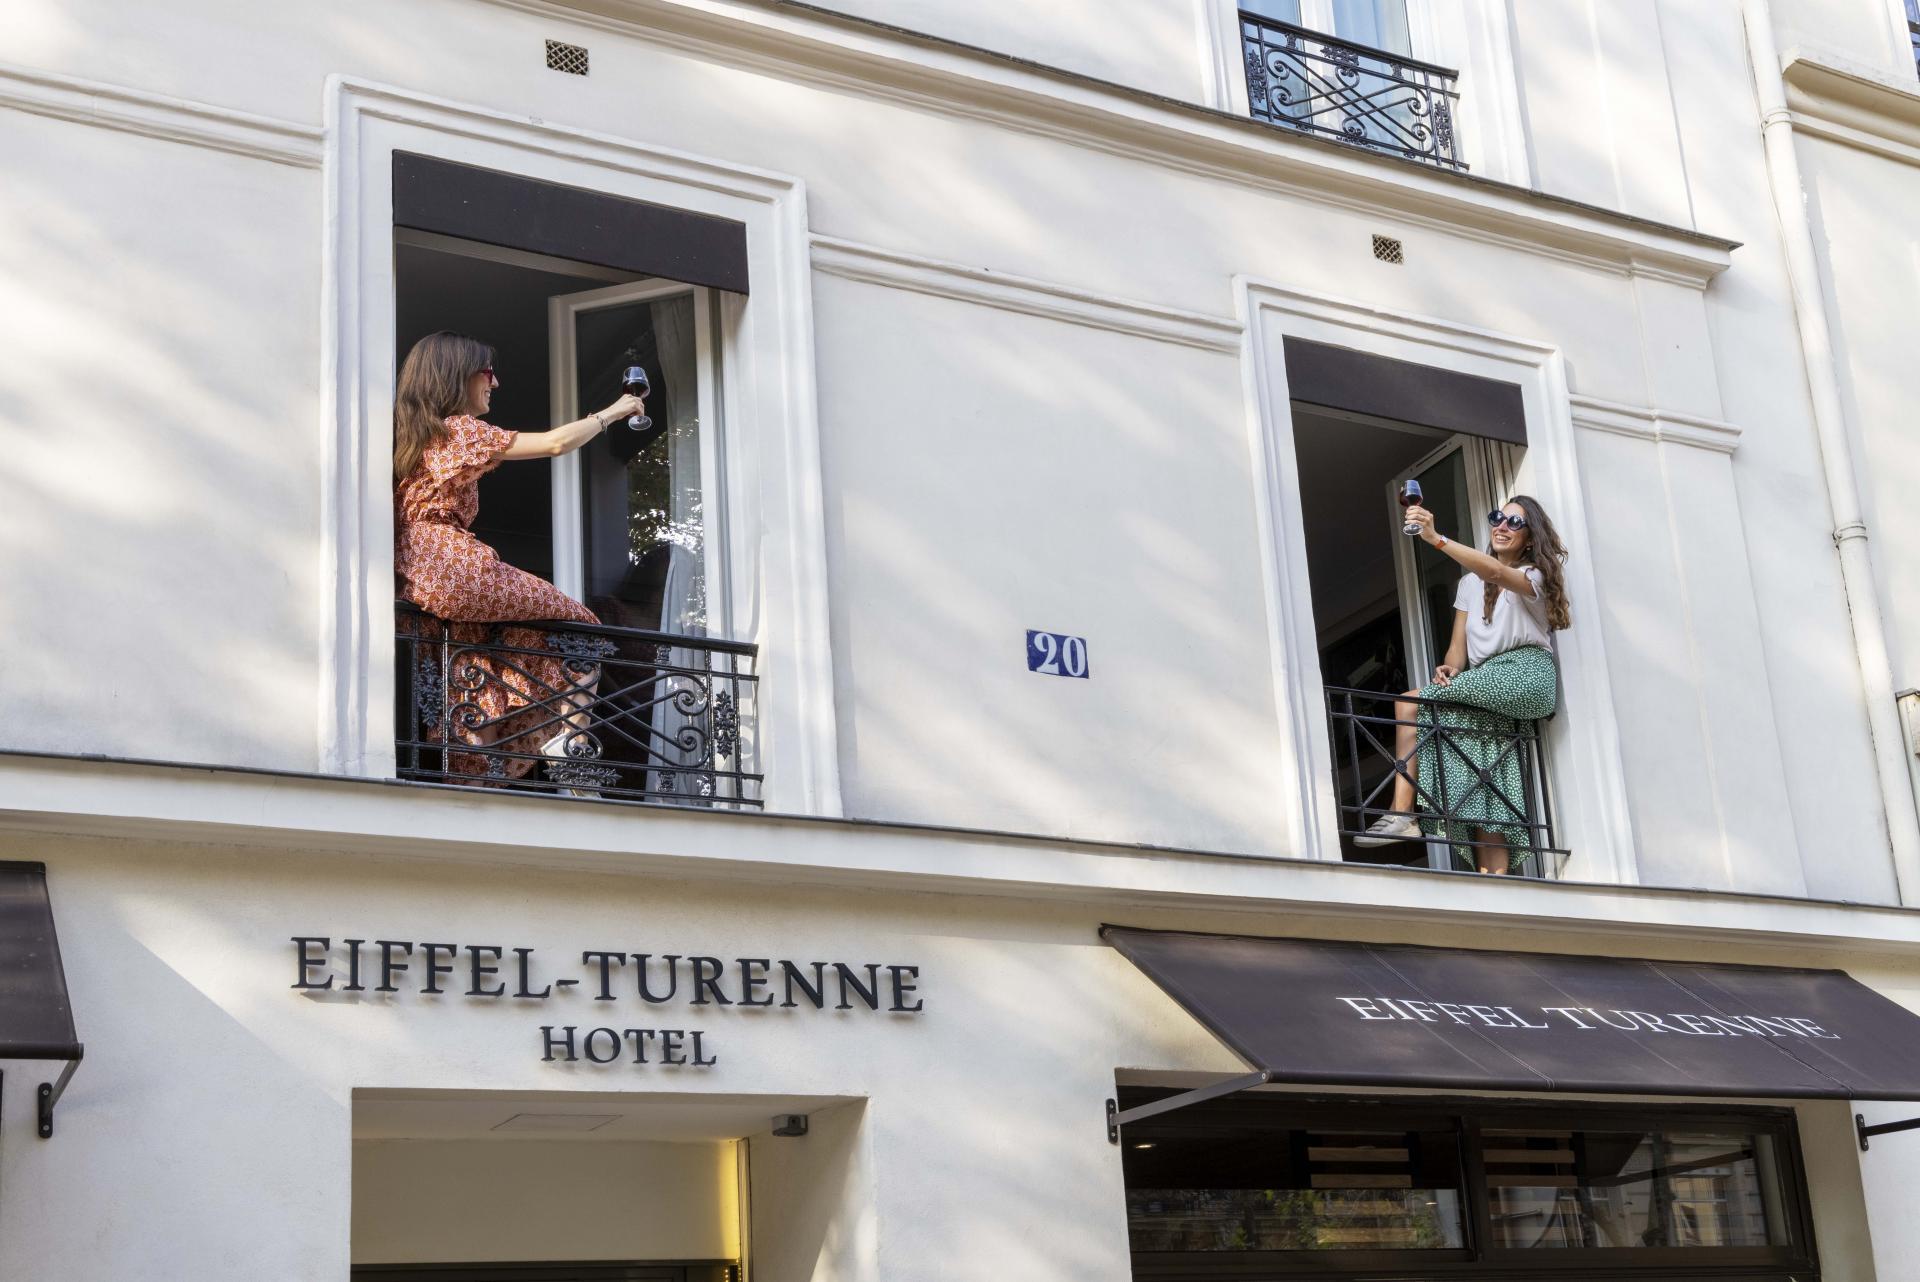 Hotel Eiffel Turenne - Façade